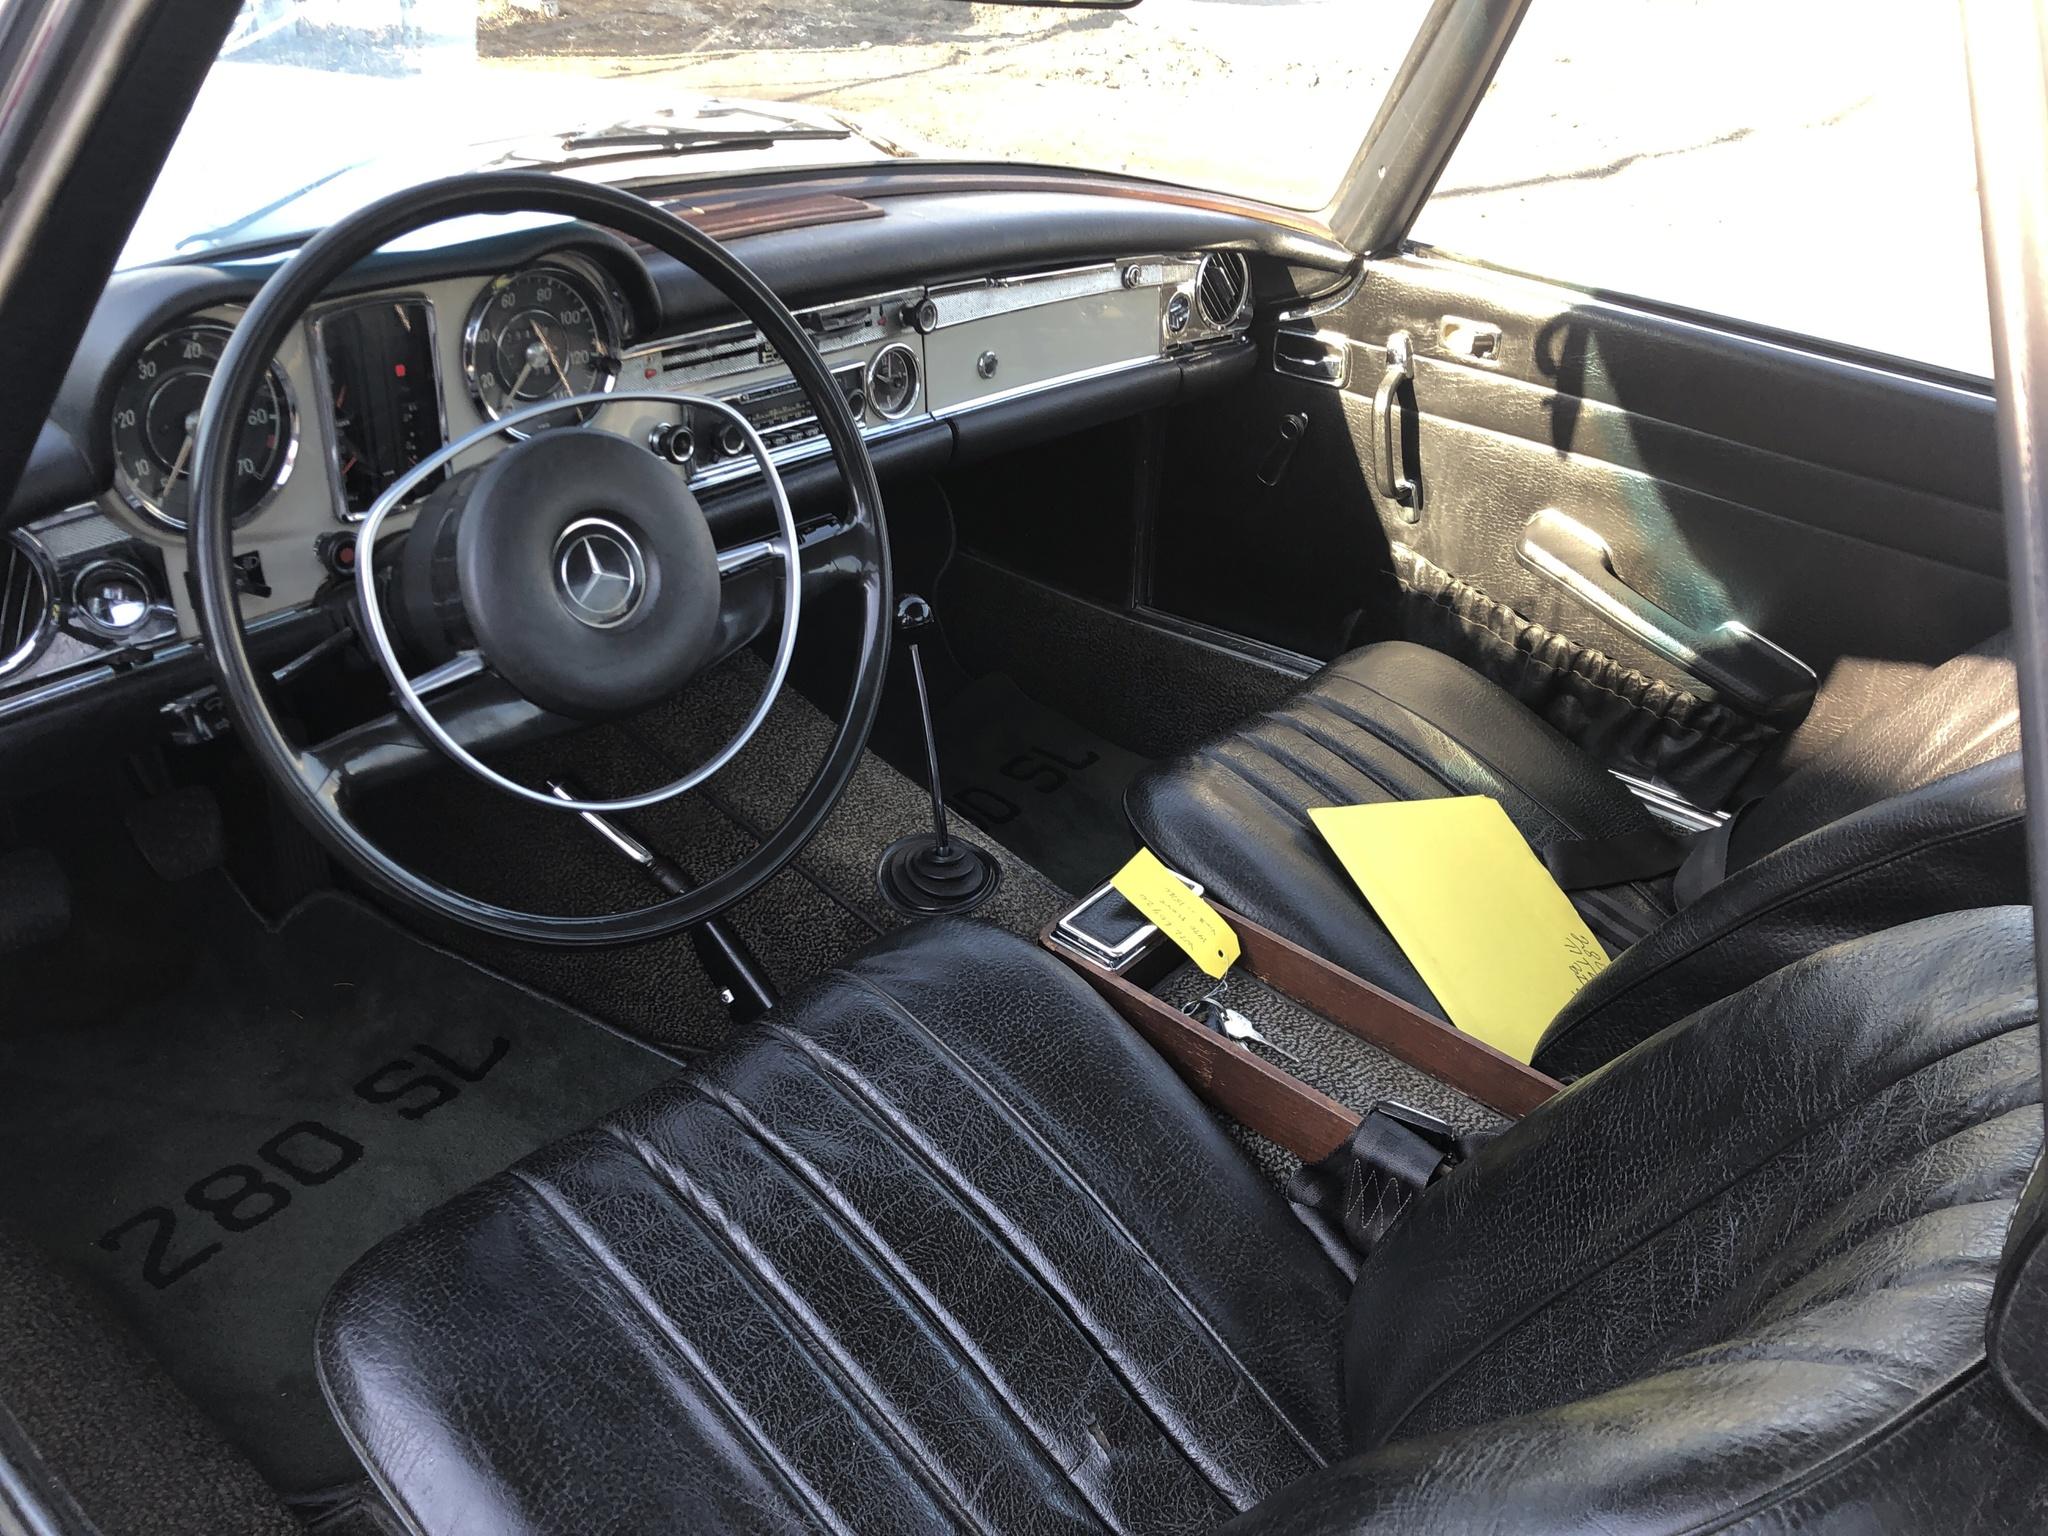 cs-car-sl-mercedes benz 280sl pagoda-06.